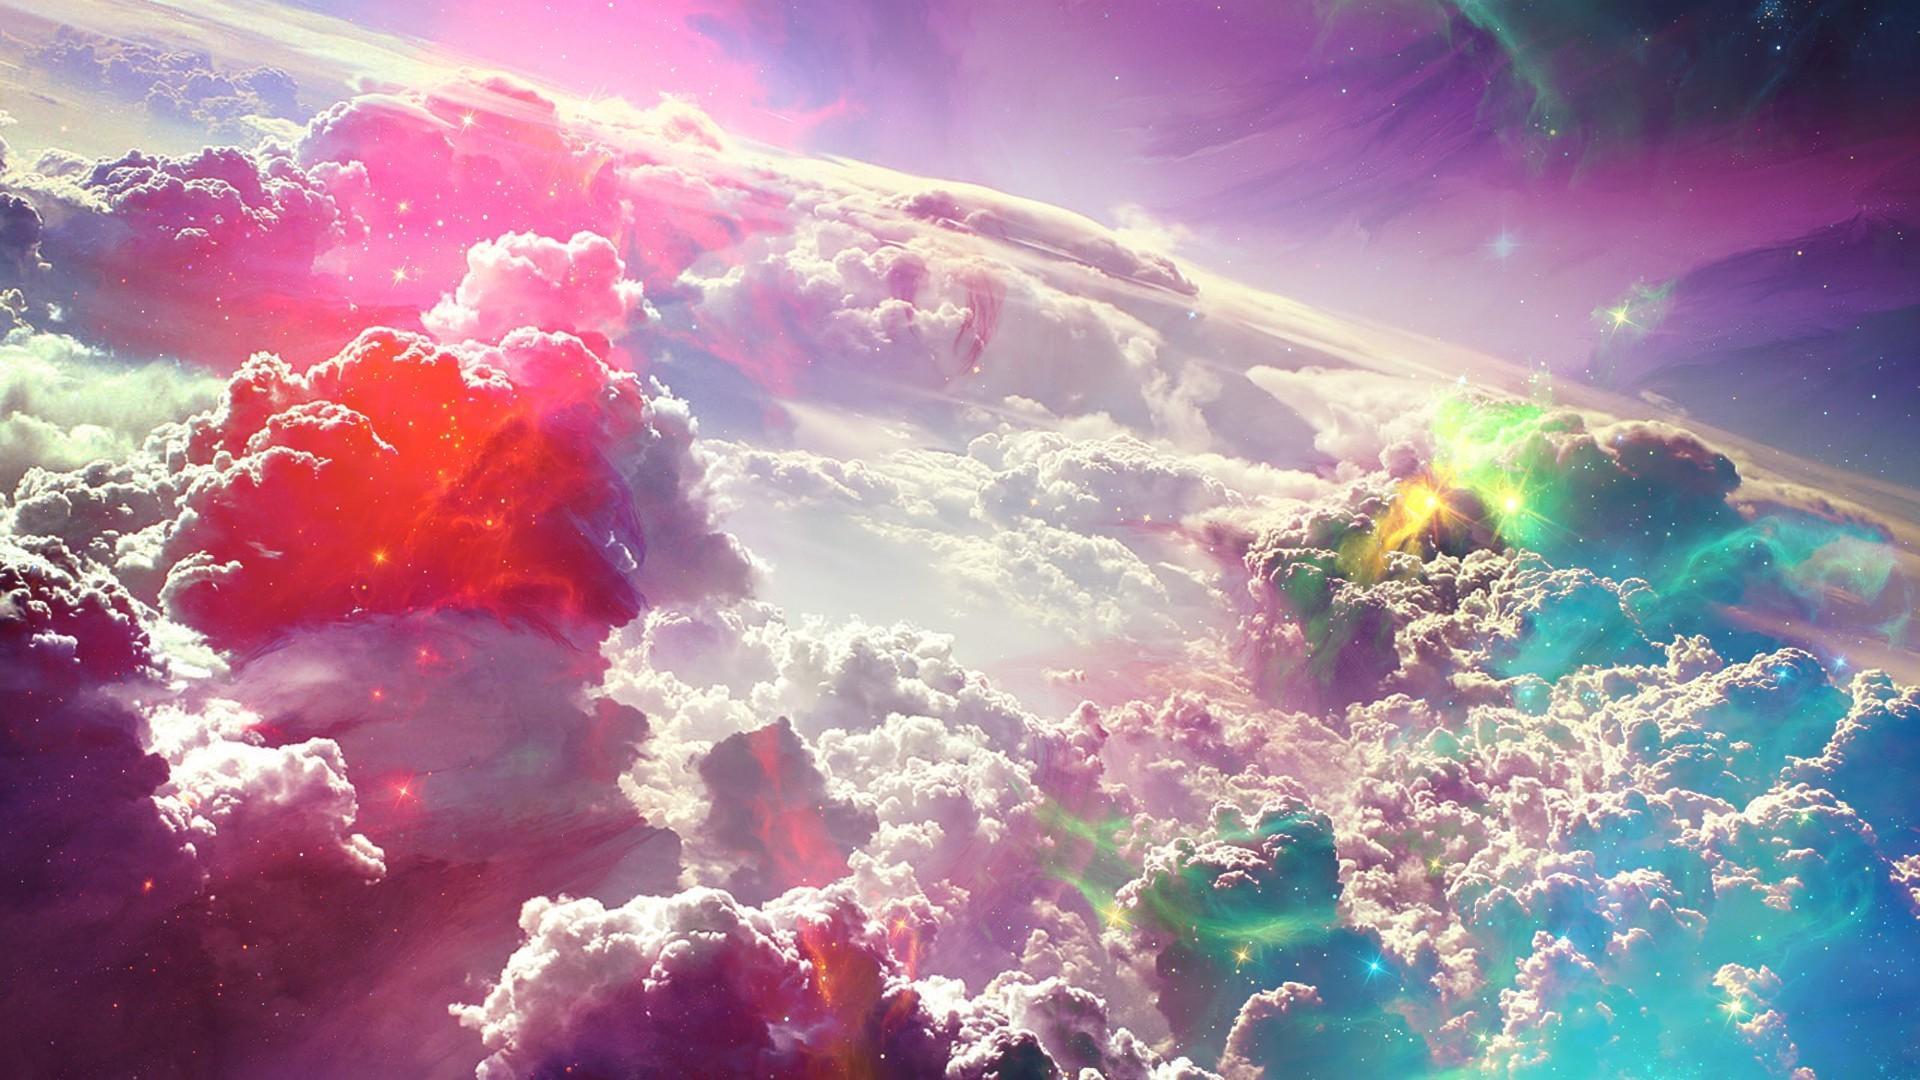 clouds_multicolor_fantasy_art_skies_1920x1080_23366